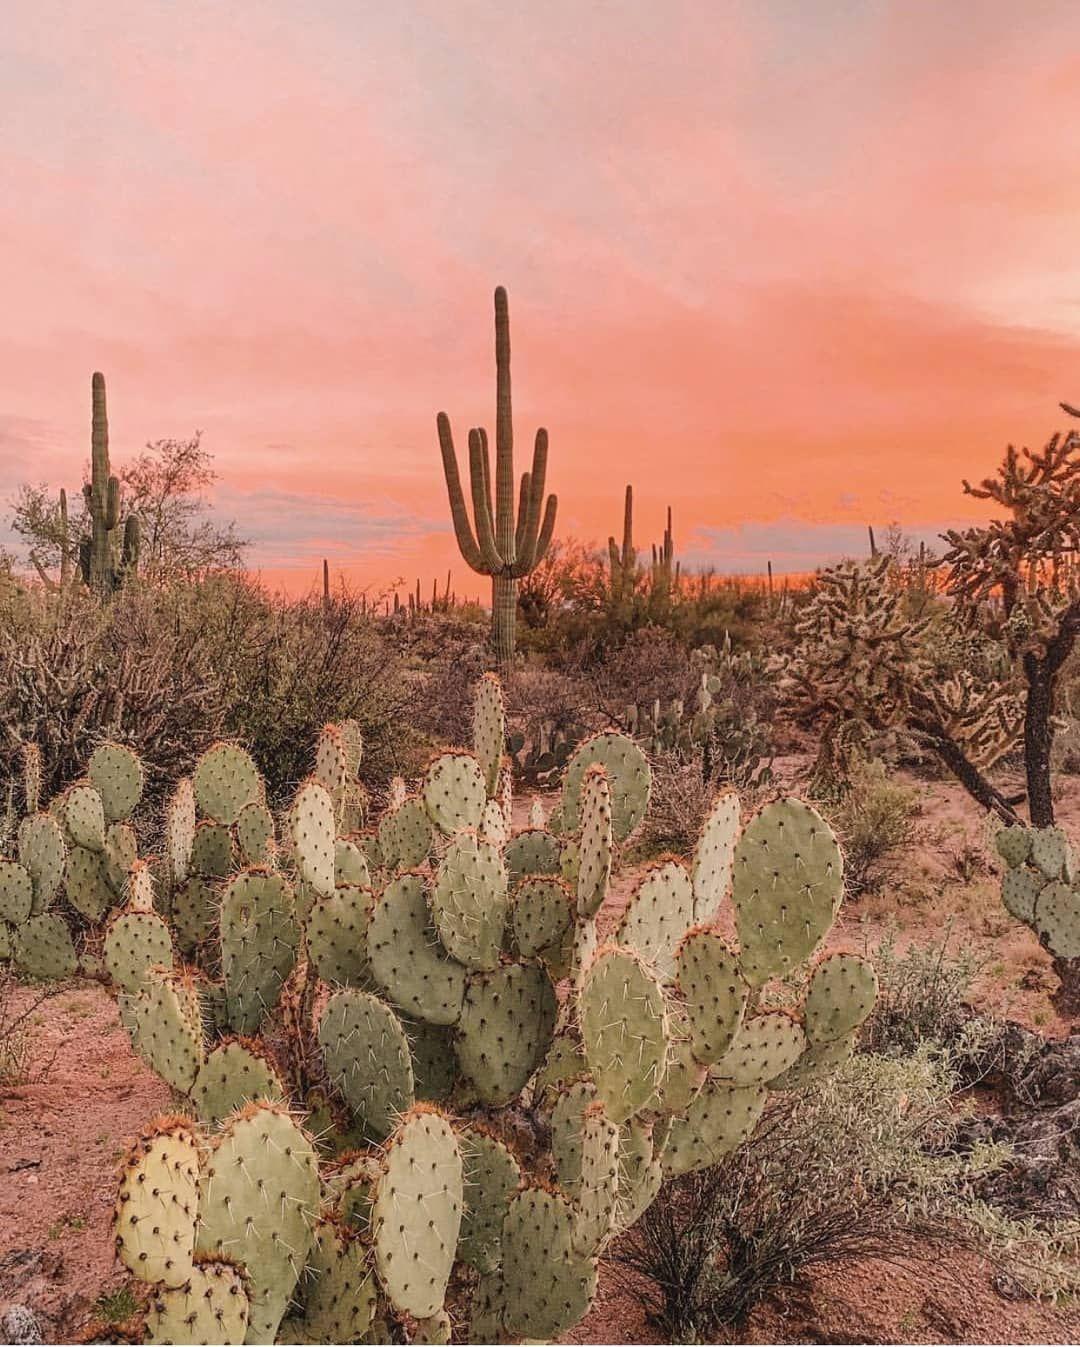 """ARNHEM on Instagram: """"Lost amongst the desert sunsets ✨?Giving us some cactus garden inspo….."""